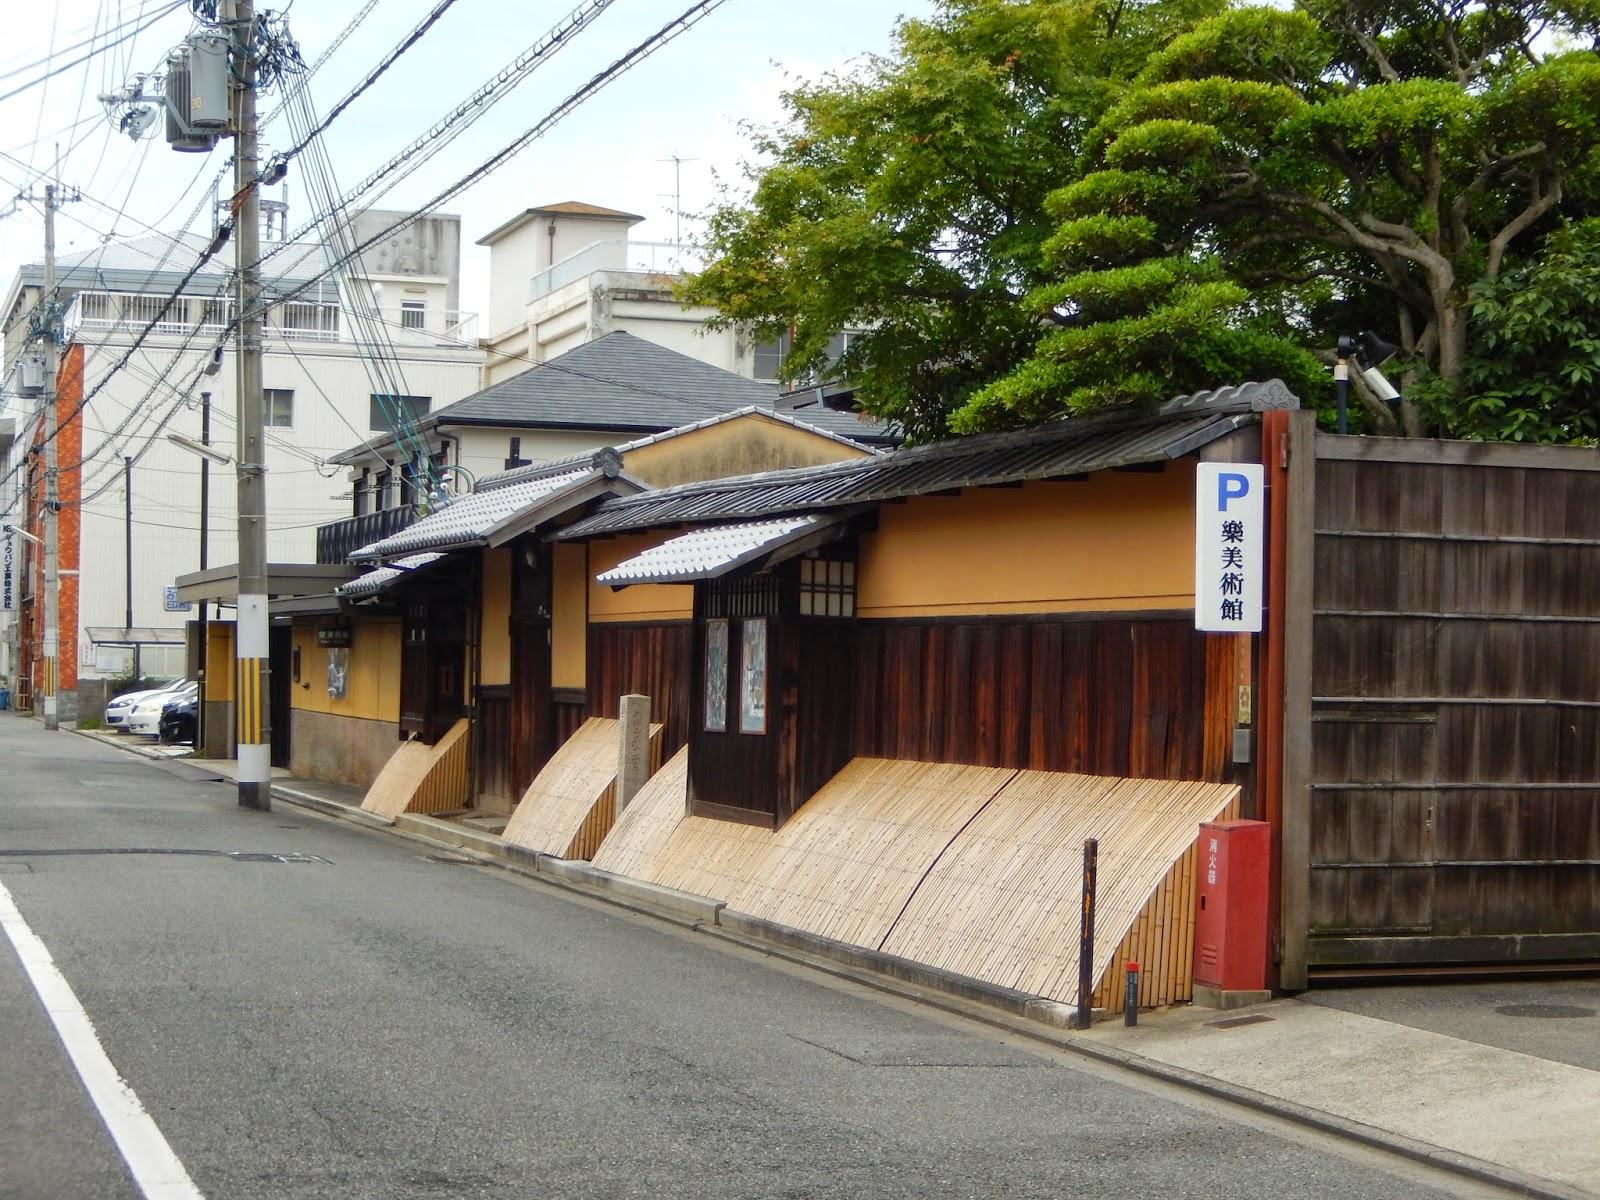 raku yaki museum kyoto